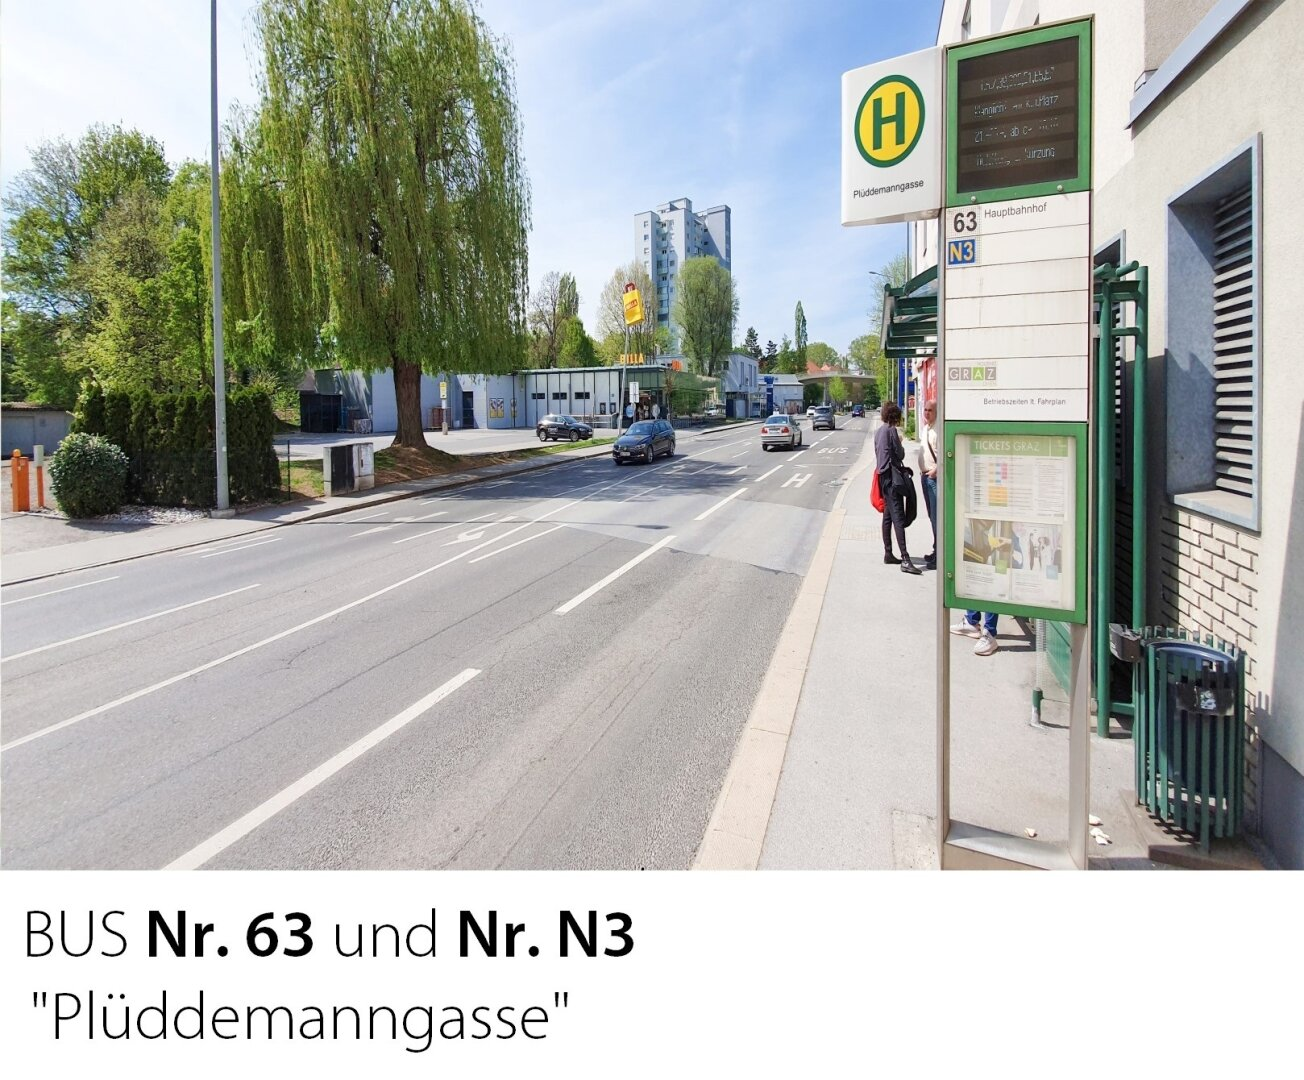 Buslinie 63 und N3 Plüddemanngasse